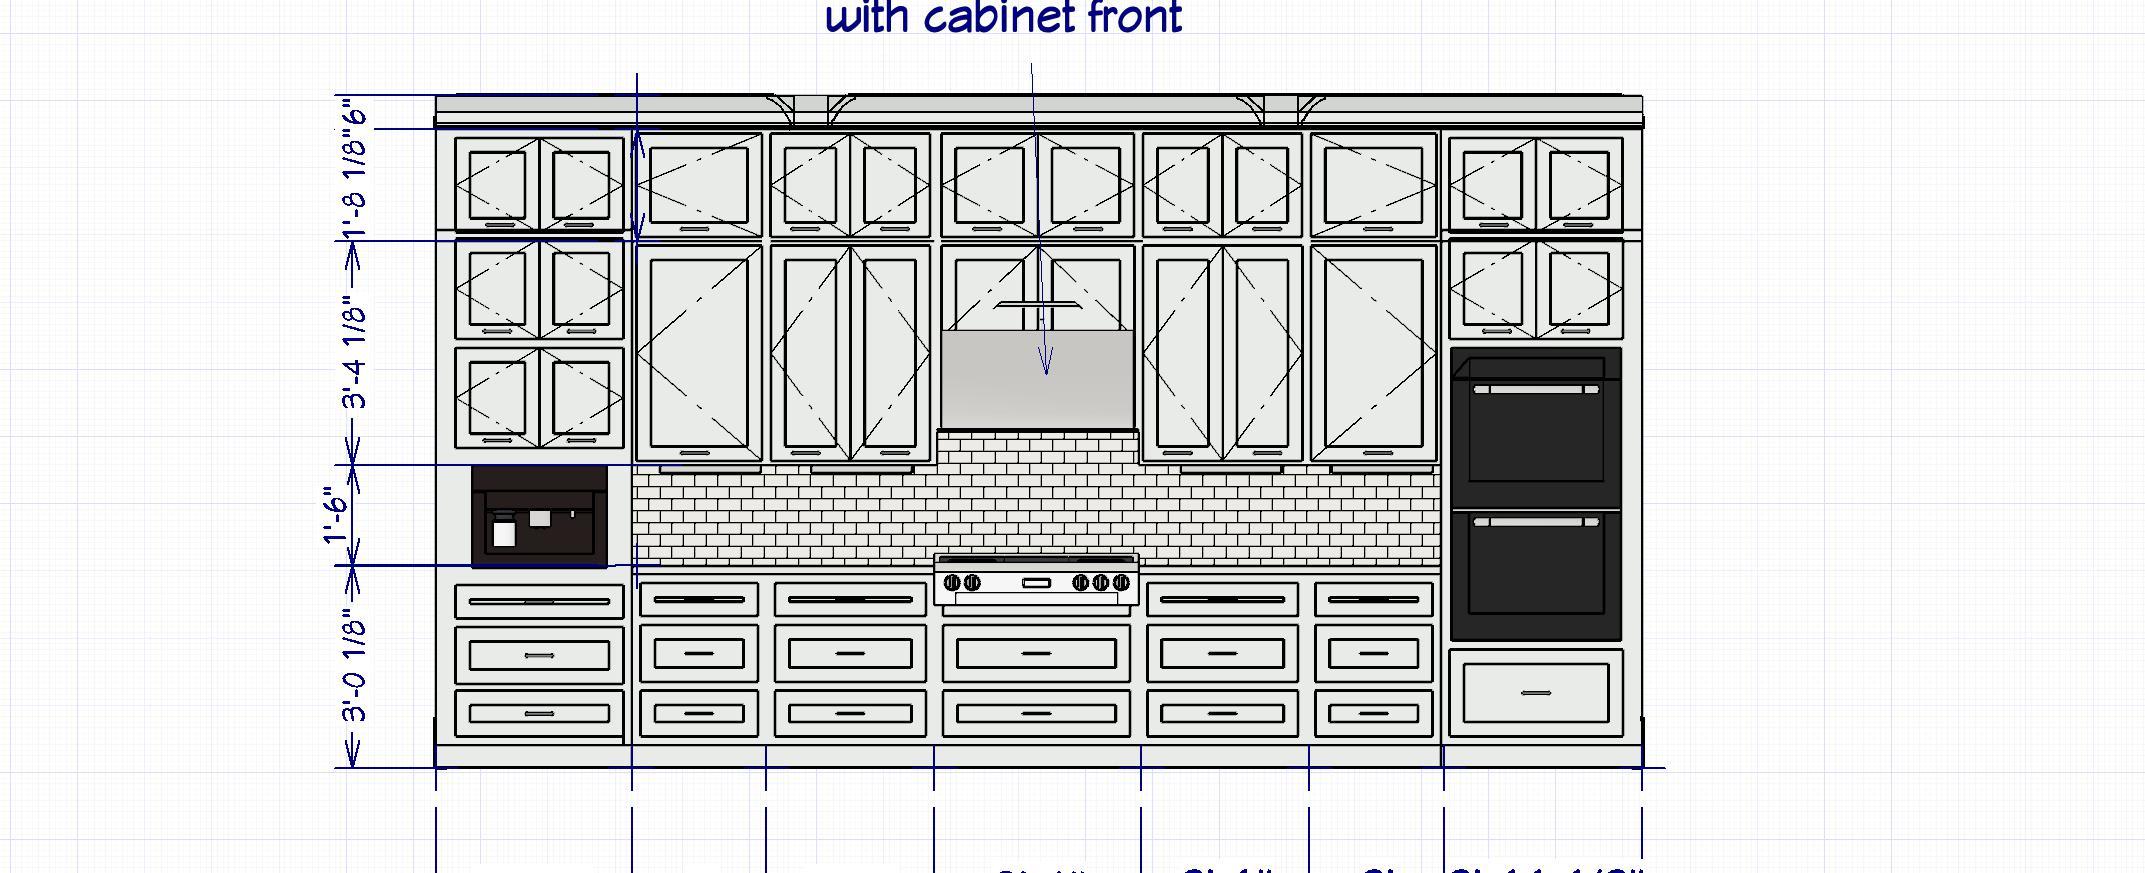 KitchenSchematic.jpg